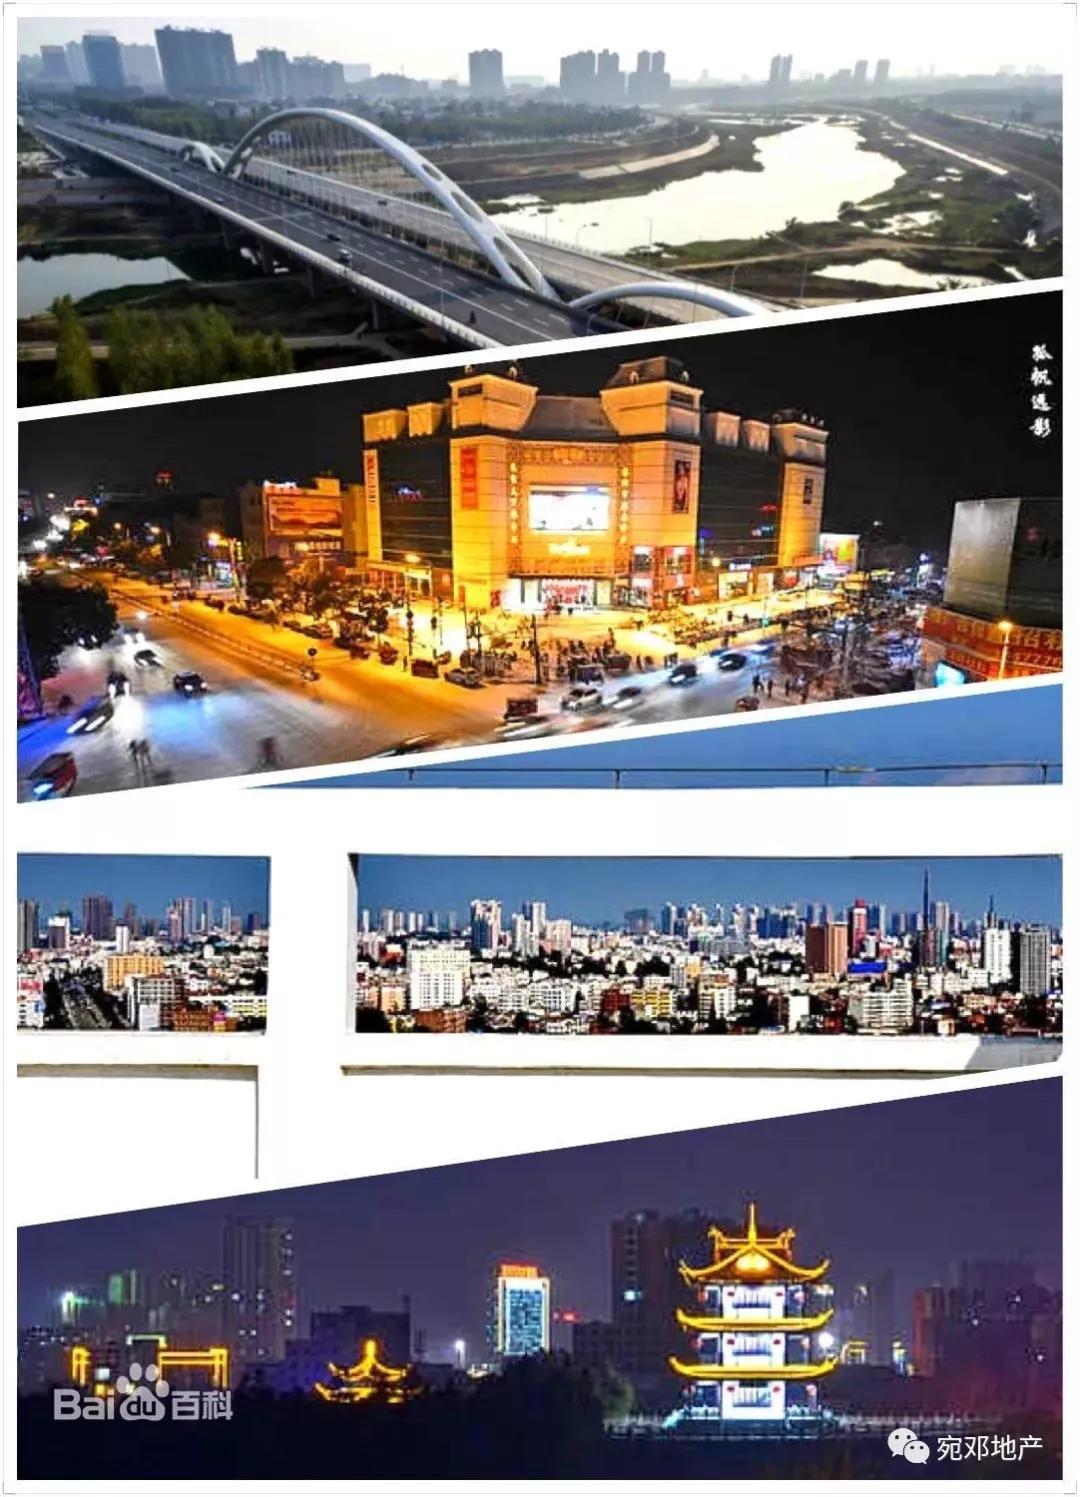 邓州市九龙一处违法违建被拆除 - 邓州门户网|邓州网 - 640.webp10.jpg